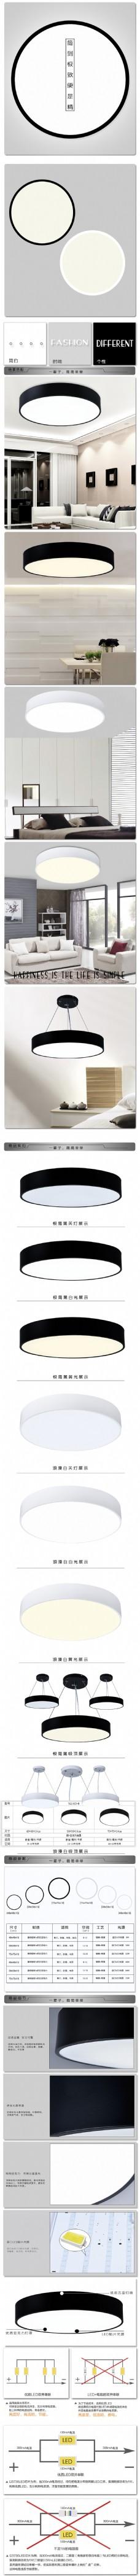 淘宝天猫京东现代简约风格吸顶灯详情设计